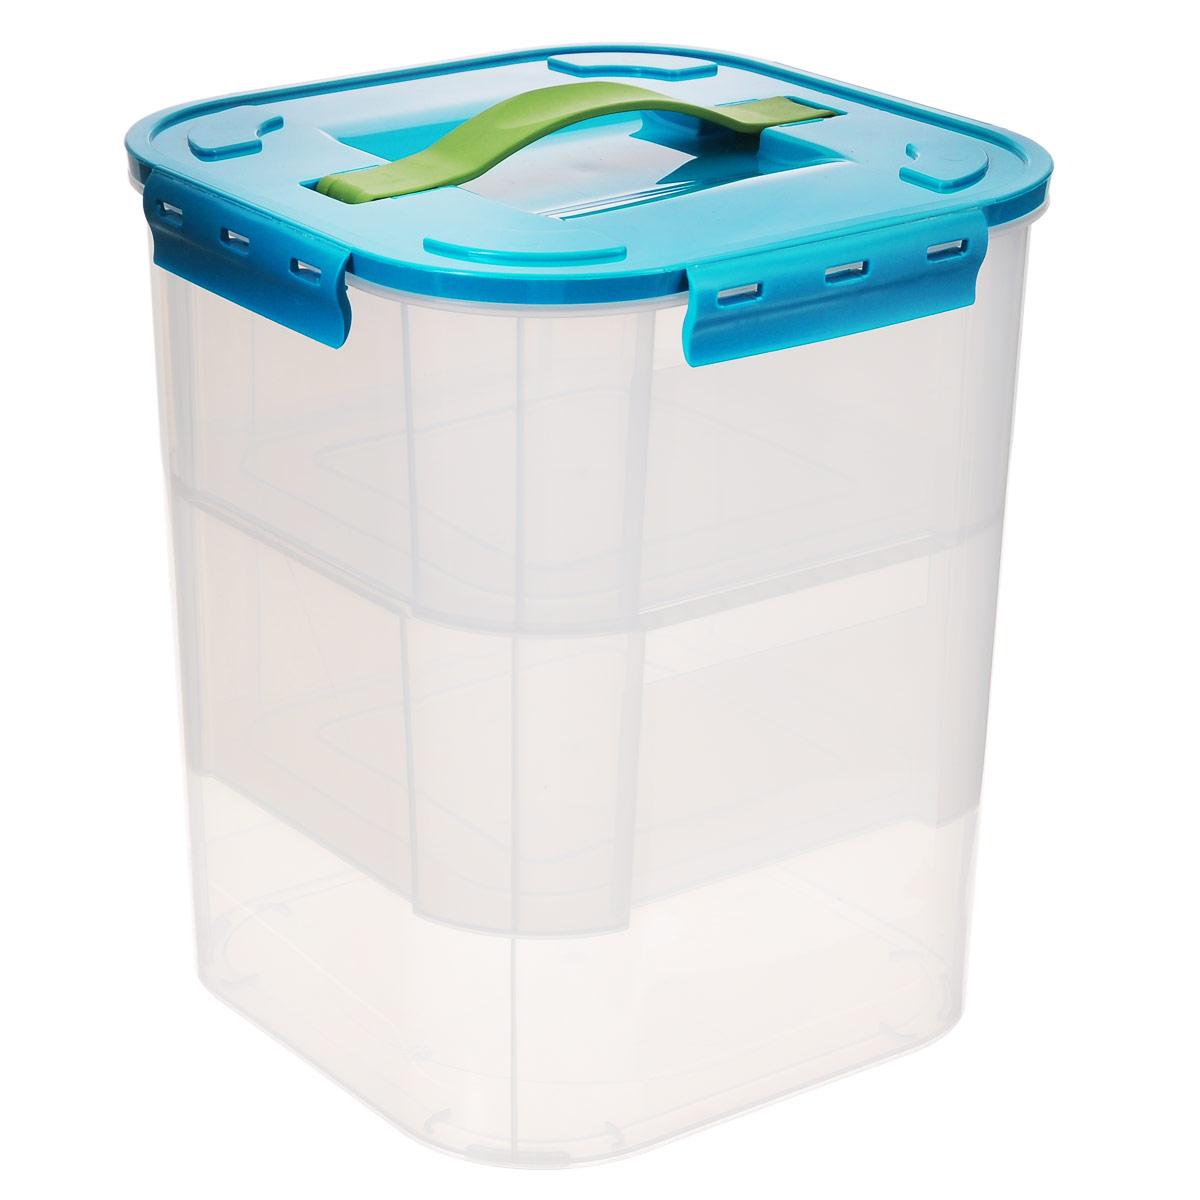 Контейнер Idea, с двумя вкладышами, цвет: бирюзовый, 10 лМ 2828_бирюзаКонтейнер Idea выполнен из прозрачного пластика. Внутрь вставляются 2 вкладыша, что позволяет удобно отделять одни предметы от других. Контейнер идеально подойдет для любых мелких бытовых предметов: канцелярии, принадлежностей для шитья и многого другого. Контейнер плотно закрывается цветной крышкой с 4 защелками. Для удобства переноски сверху имеется ручка, выполненная из термоэластопласта. Контейнер Idea очень вместителен и поможет вам хранить все мелочи в одном месте.